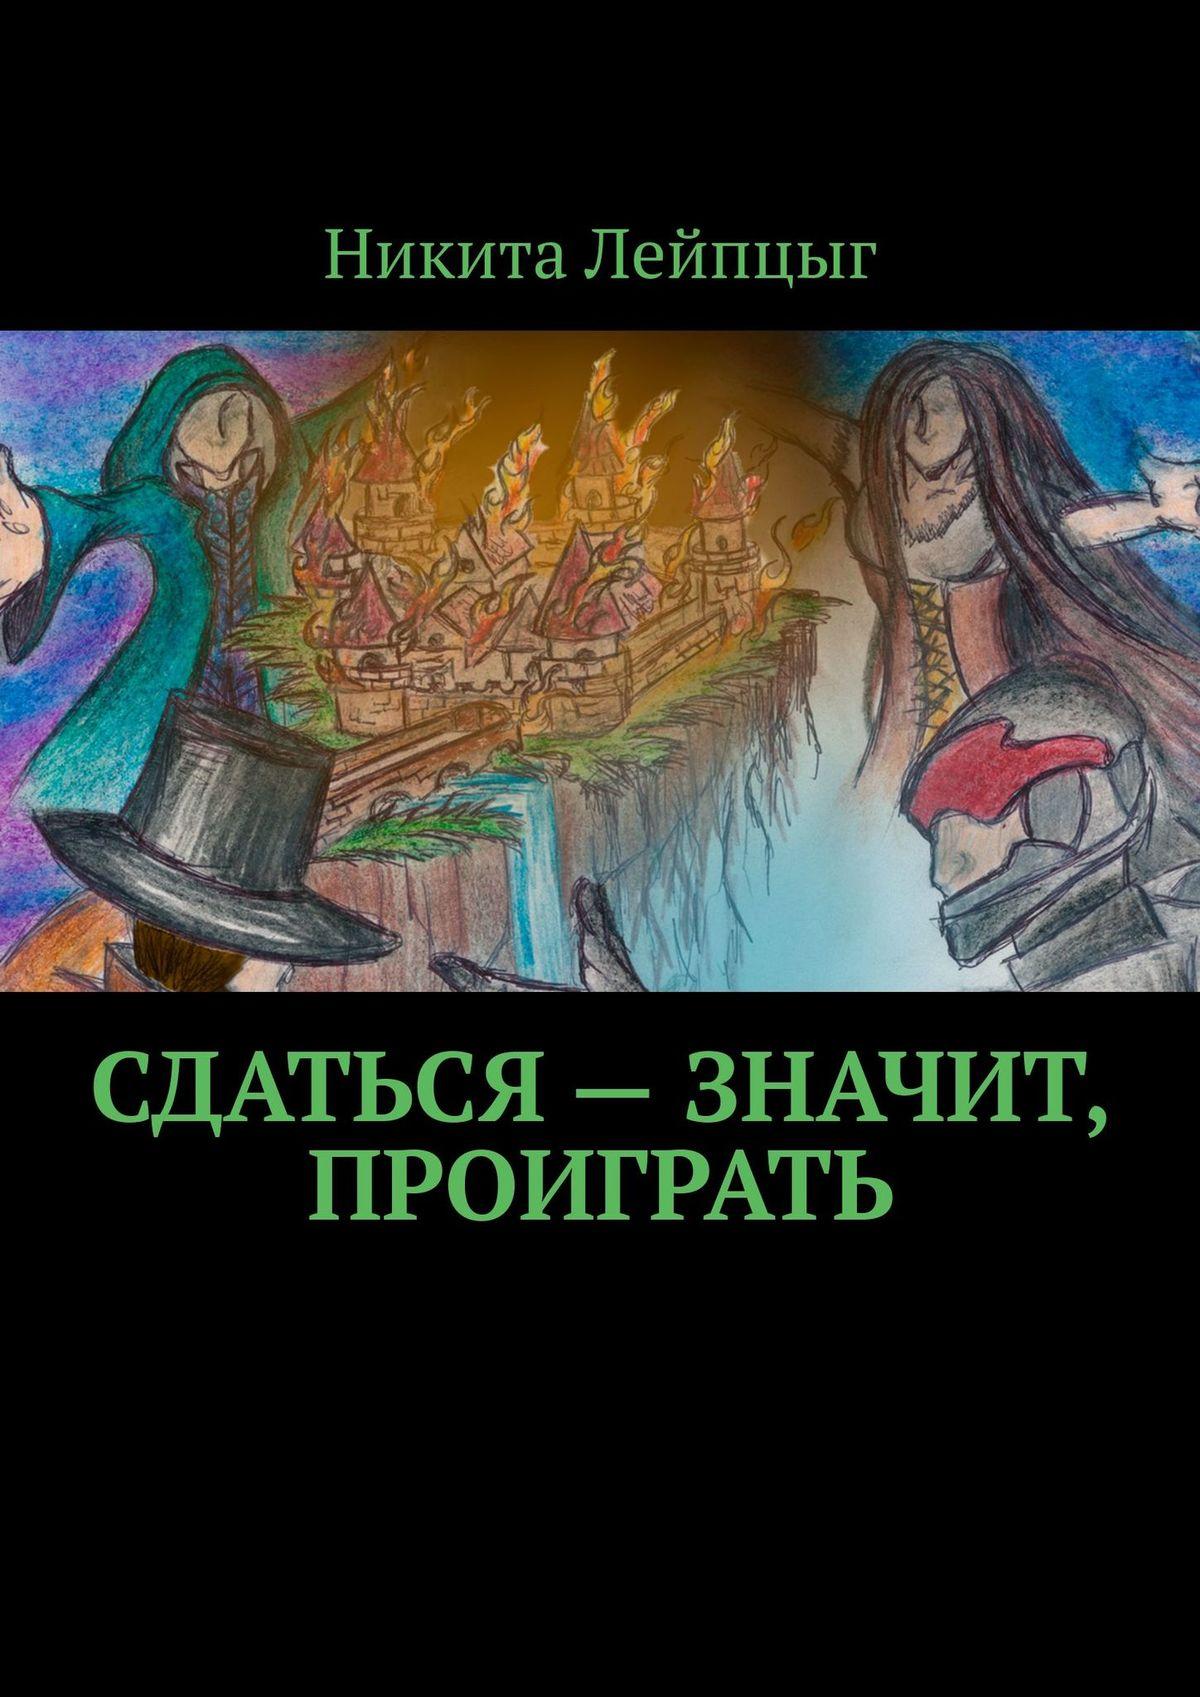 Купить книгу Сдаться значит проиграть, автора Никиты Лейпцыга